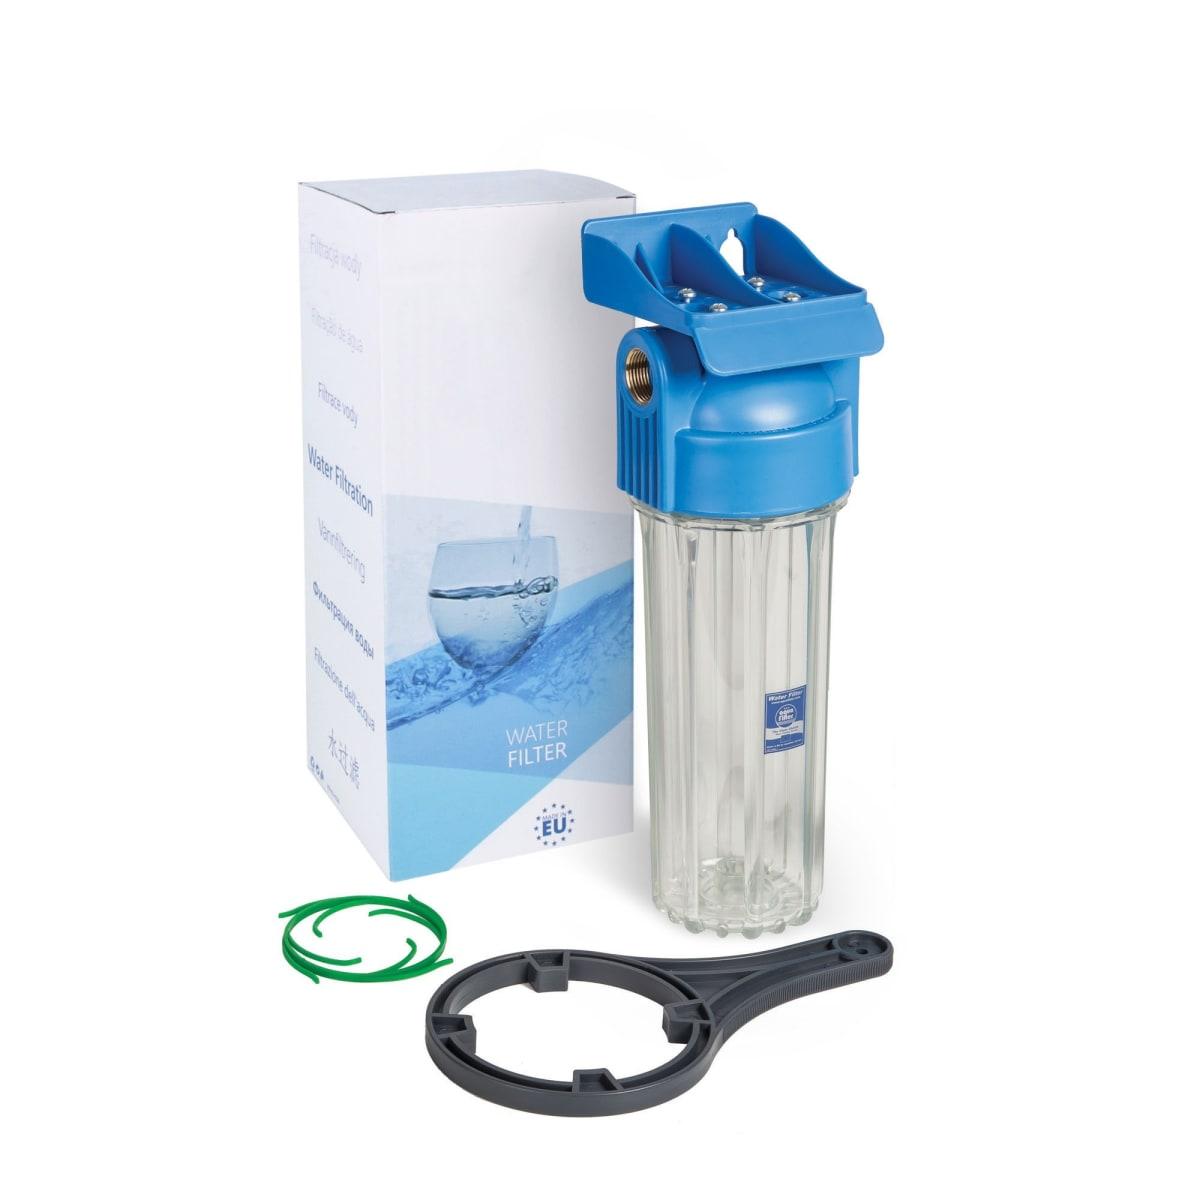 """Магистральный корпус Aquafilter 10SL для холодной воды, резьба 1/2"""", FHPR12-HP-WB"""